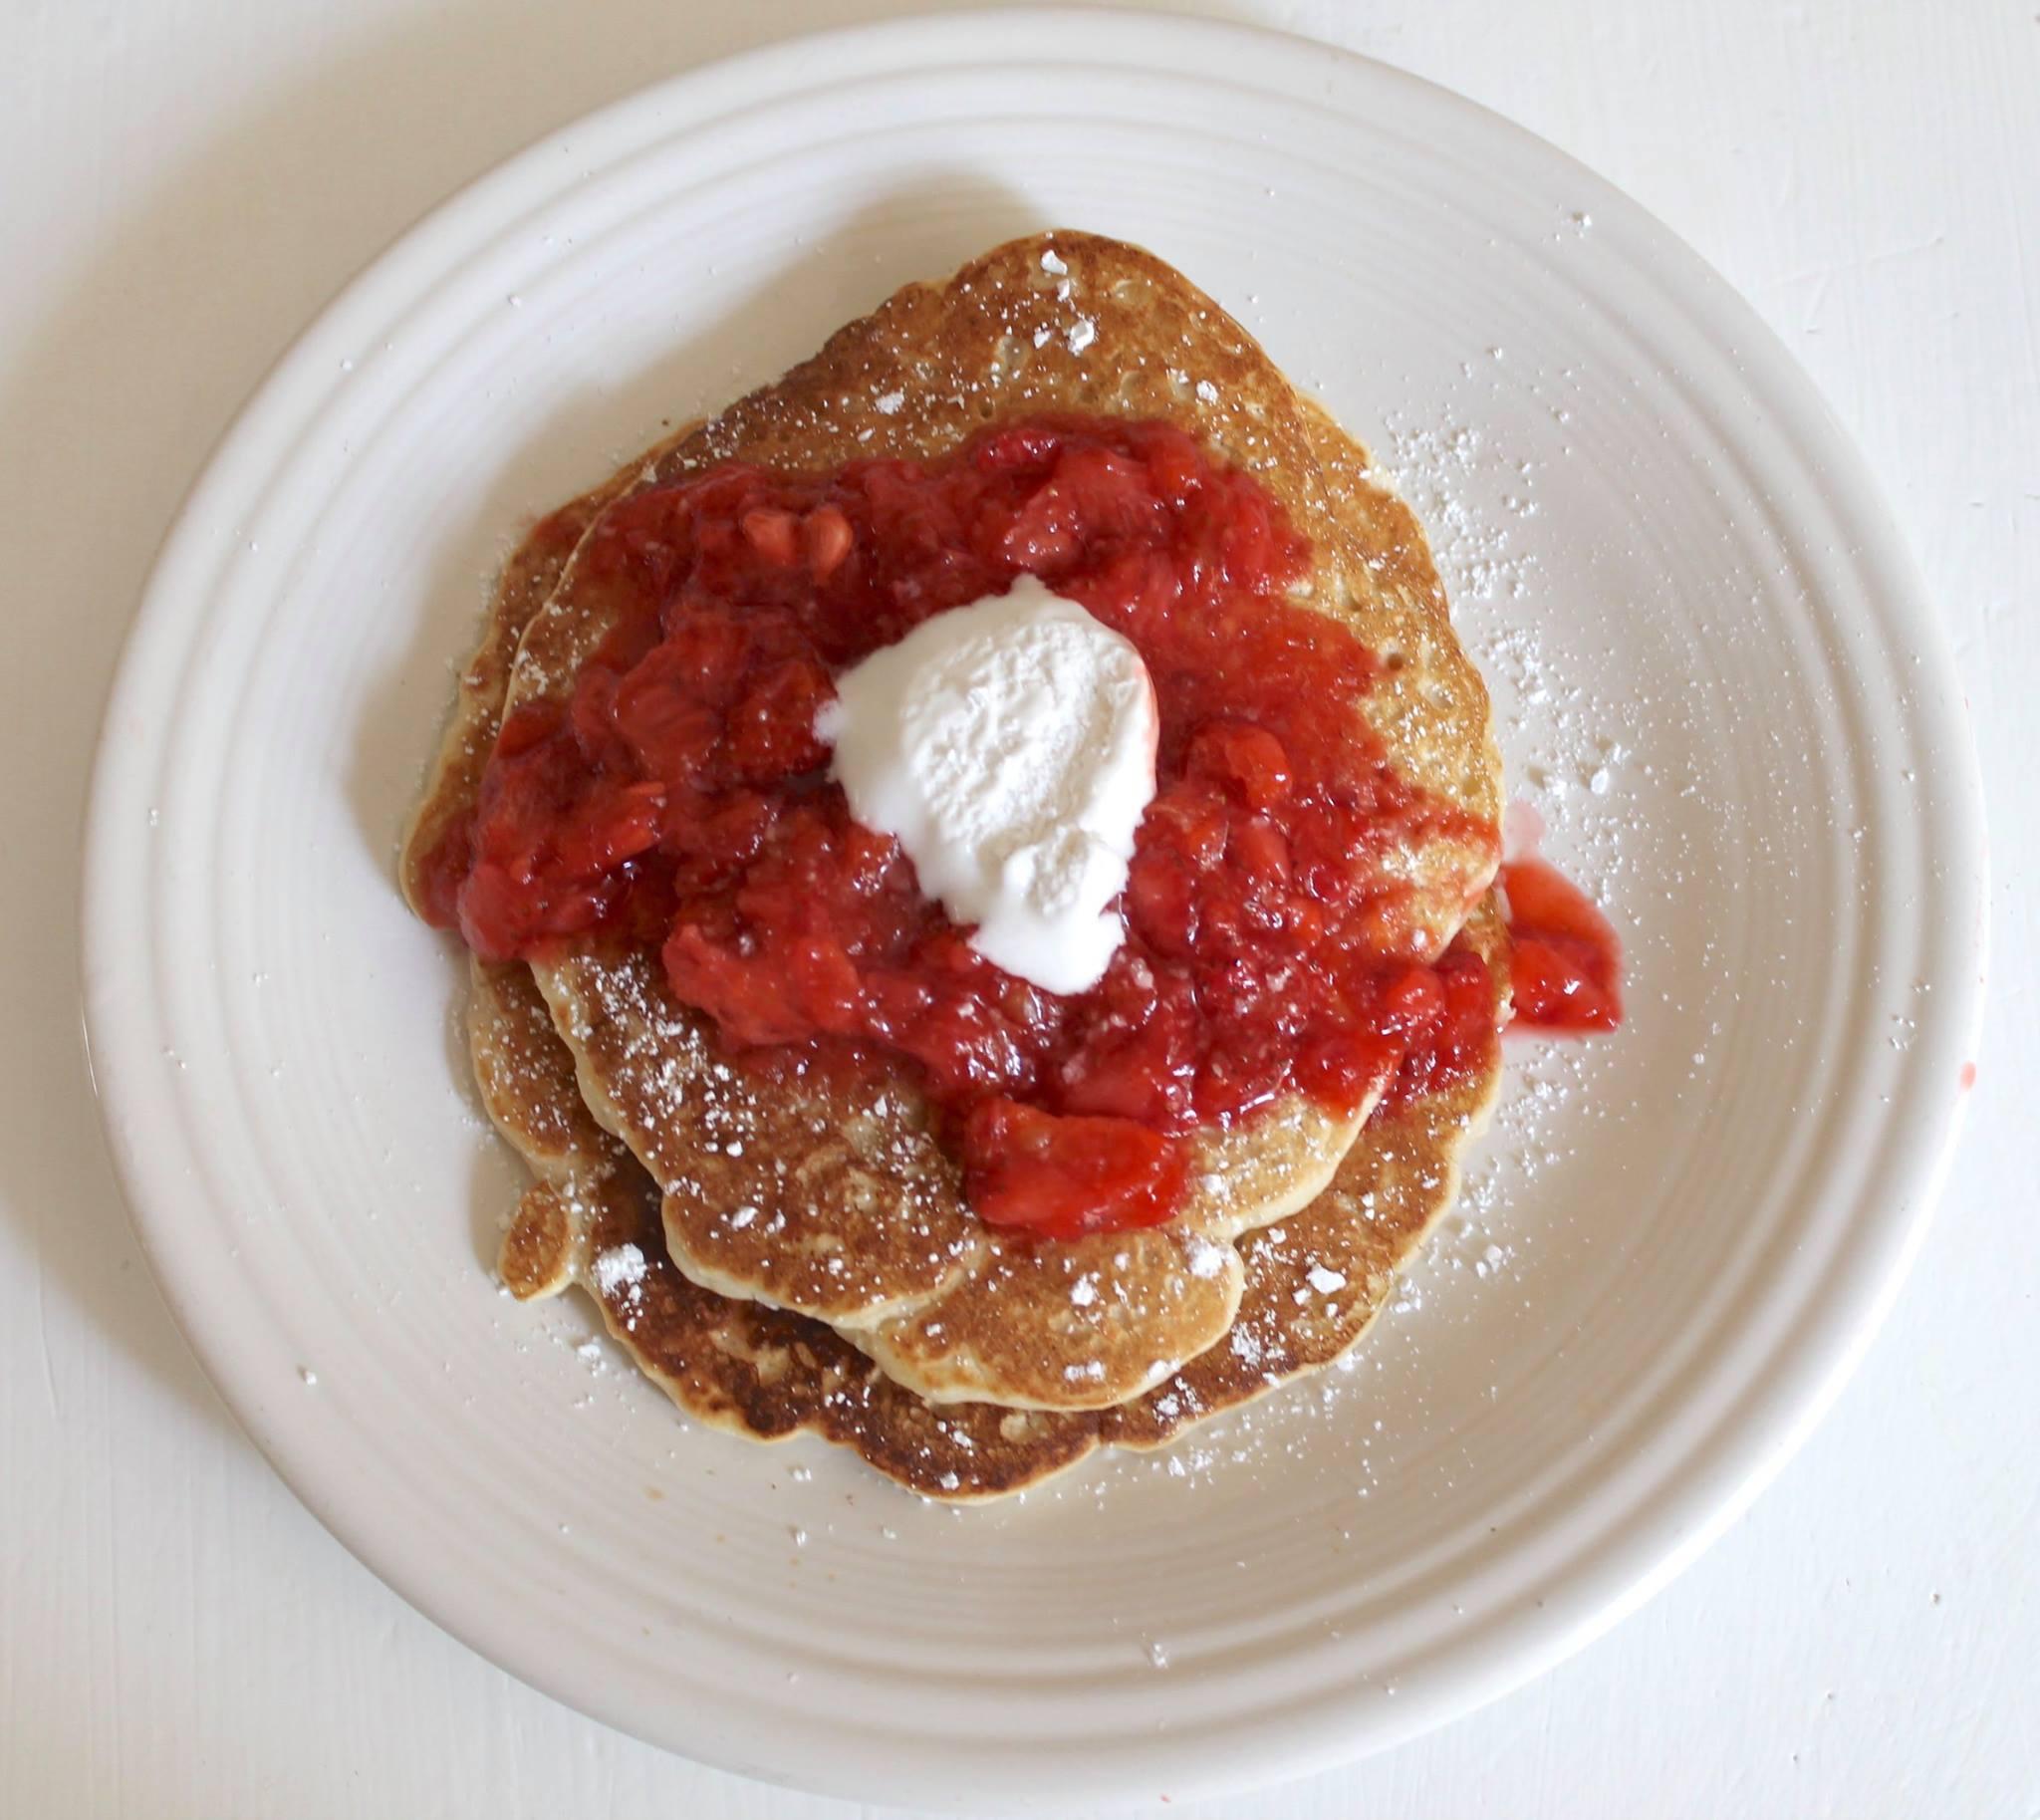 Blood Orange Strawberry Pancakes